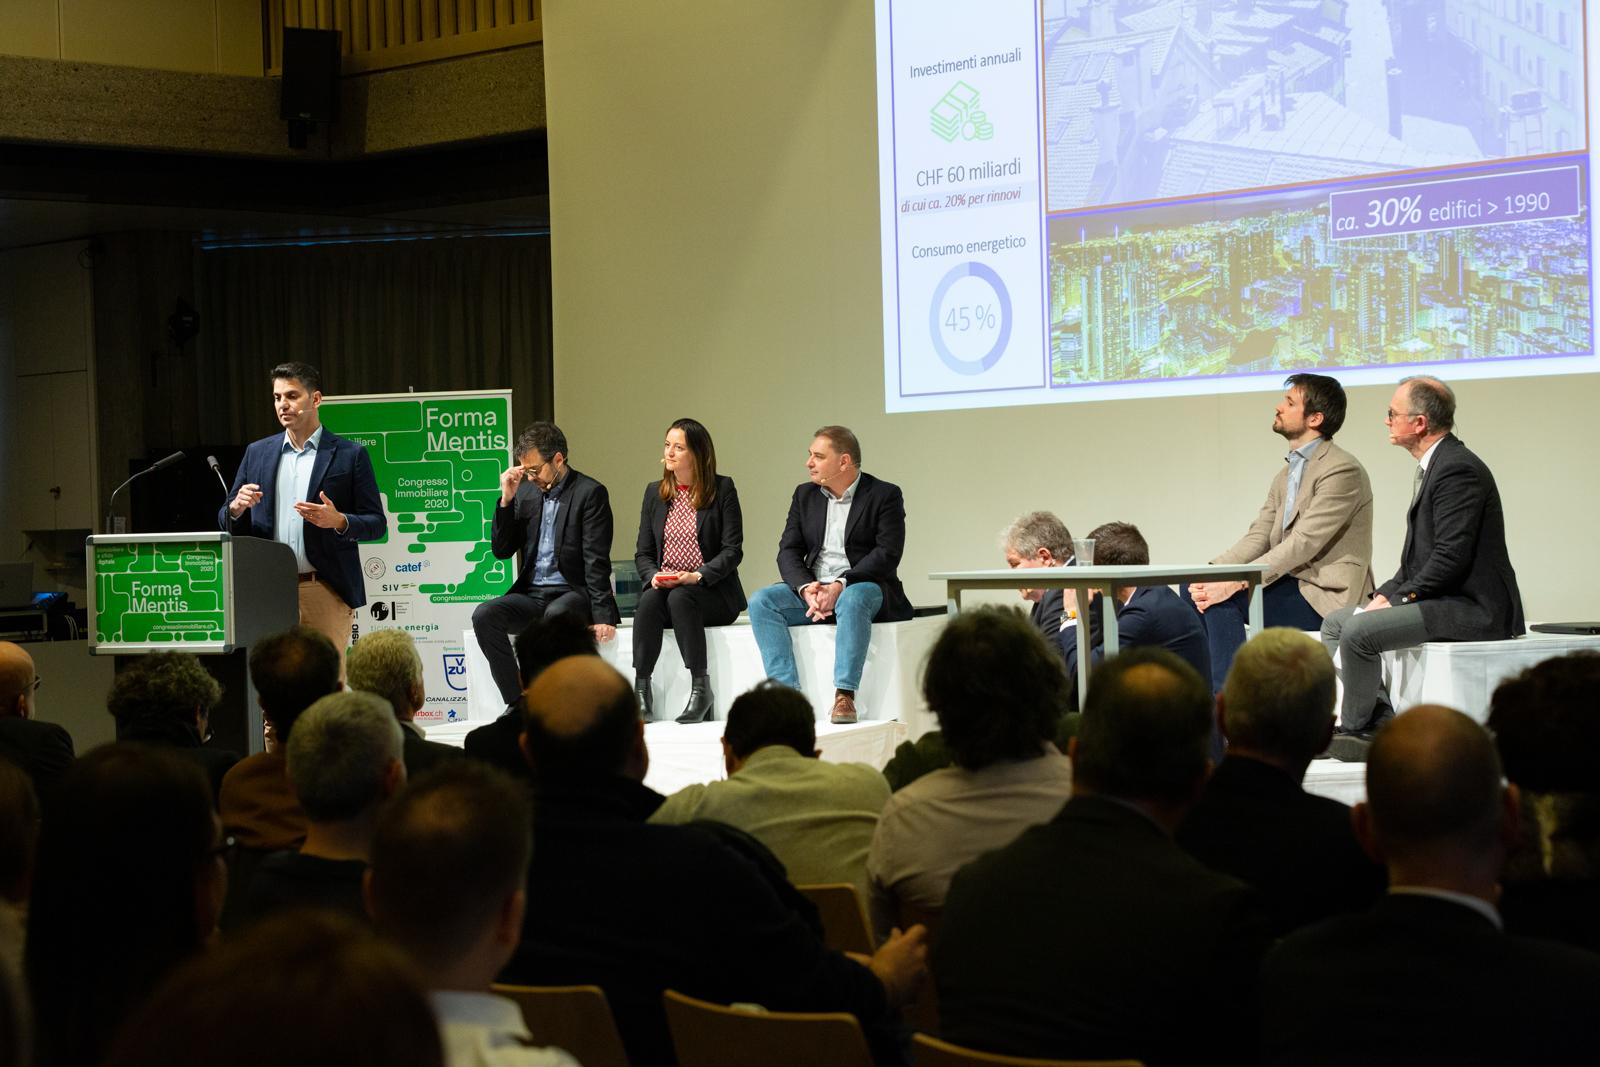 congresso-immobiliare-2020-SVIT-128-web